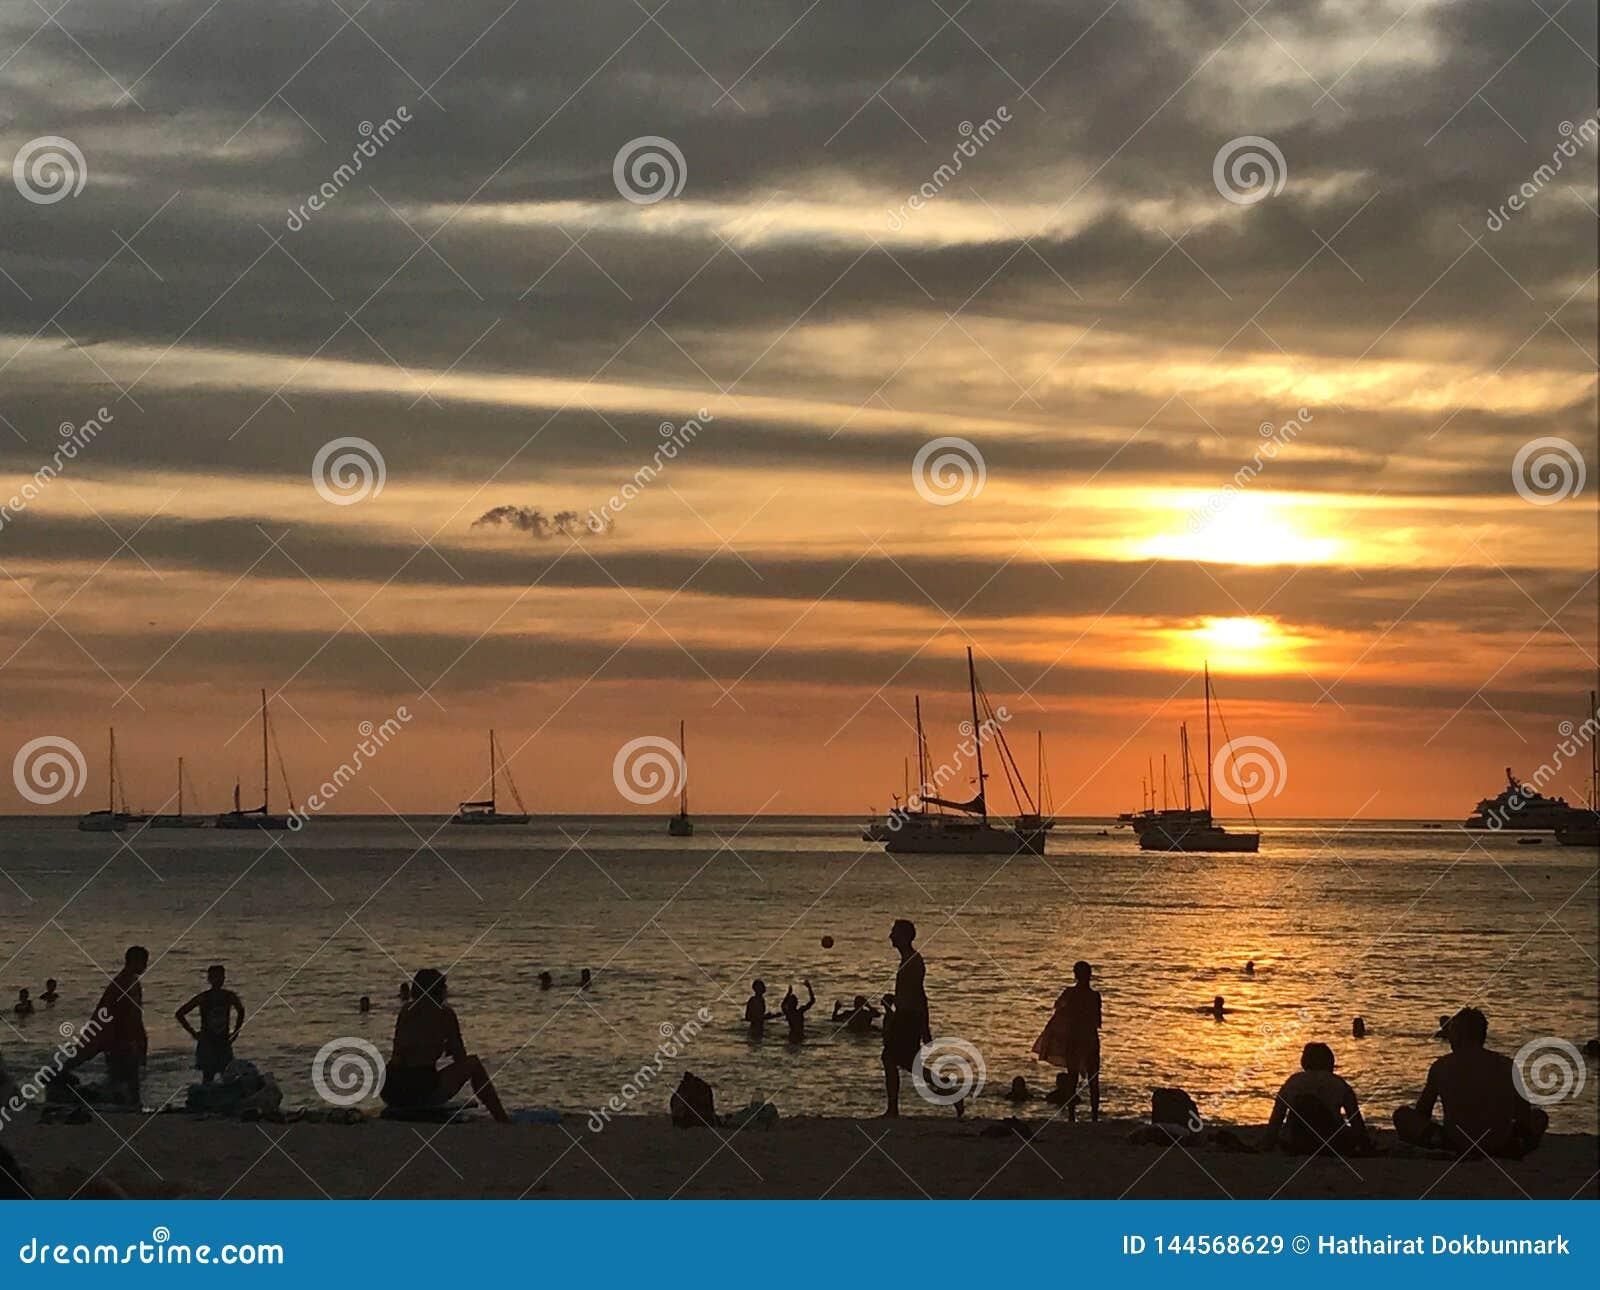 Sch?ner Himmel und Ozeanstrand wenn Sonnenuntergang und Leute auf dem Strand